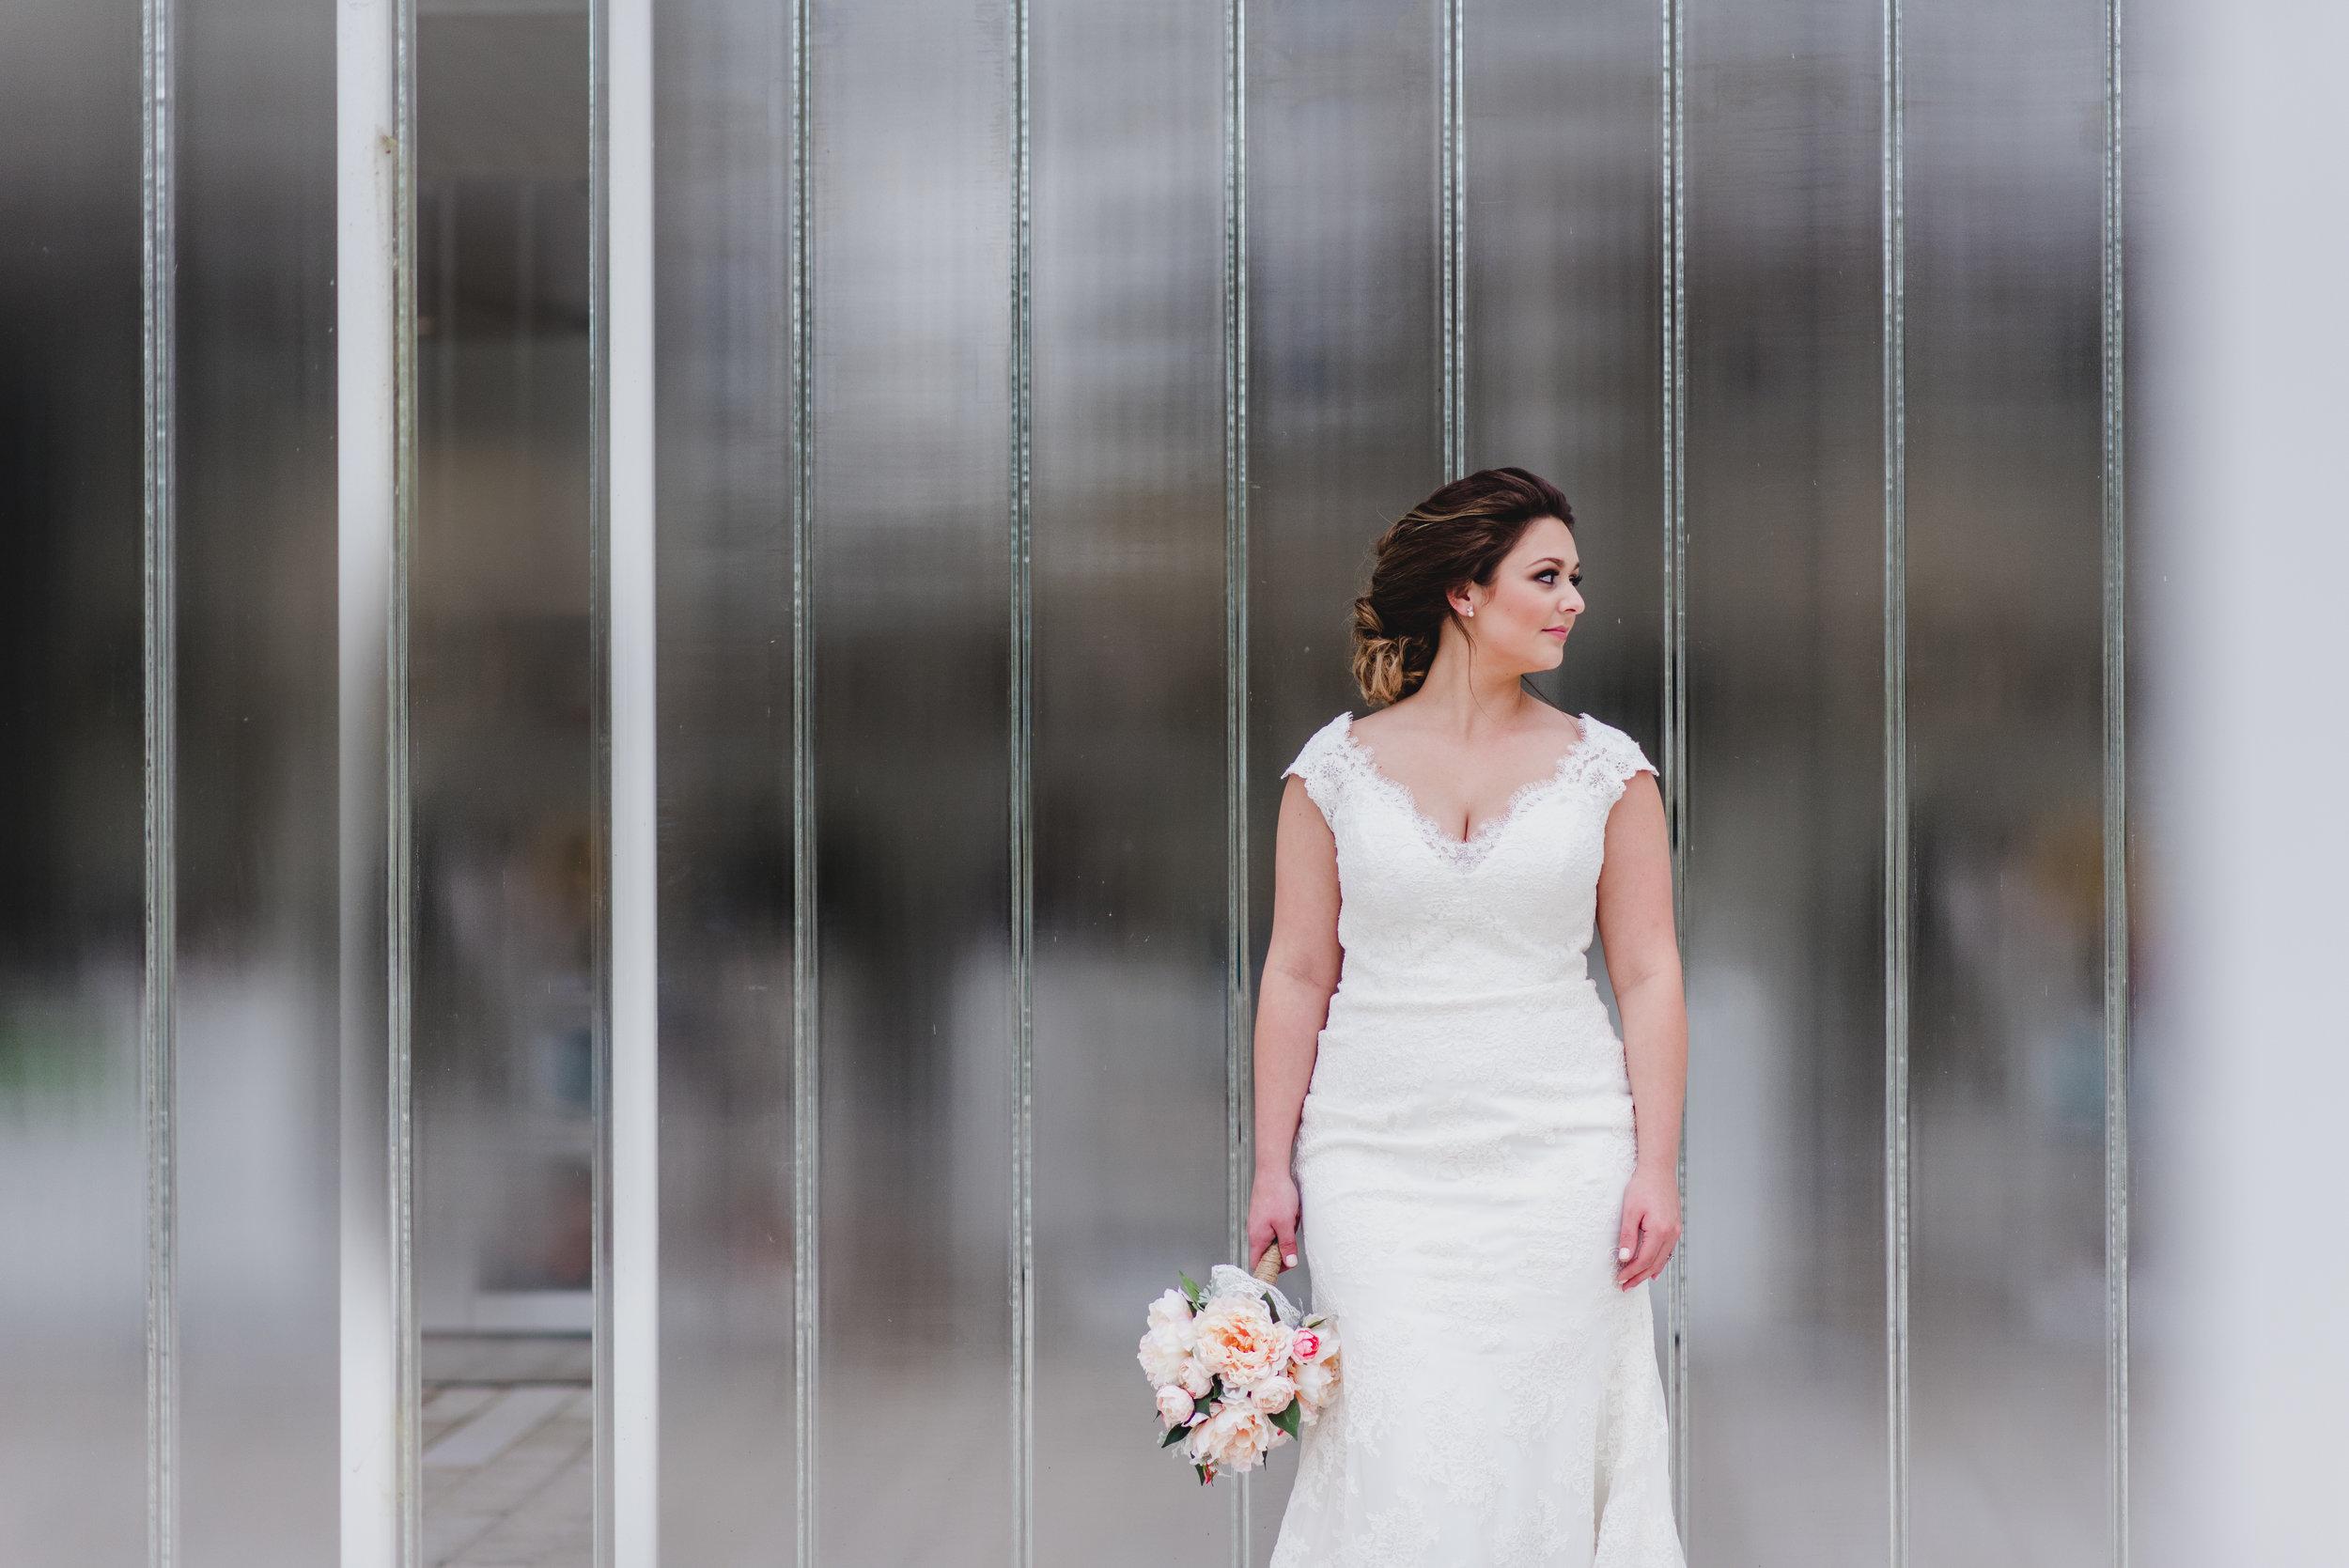 Baton Rouge Bridal Photography-115.jpg